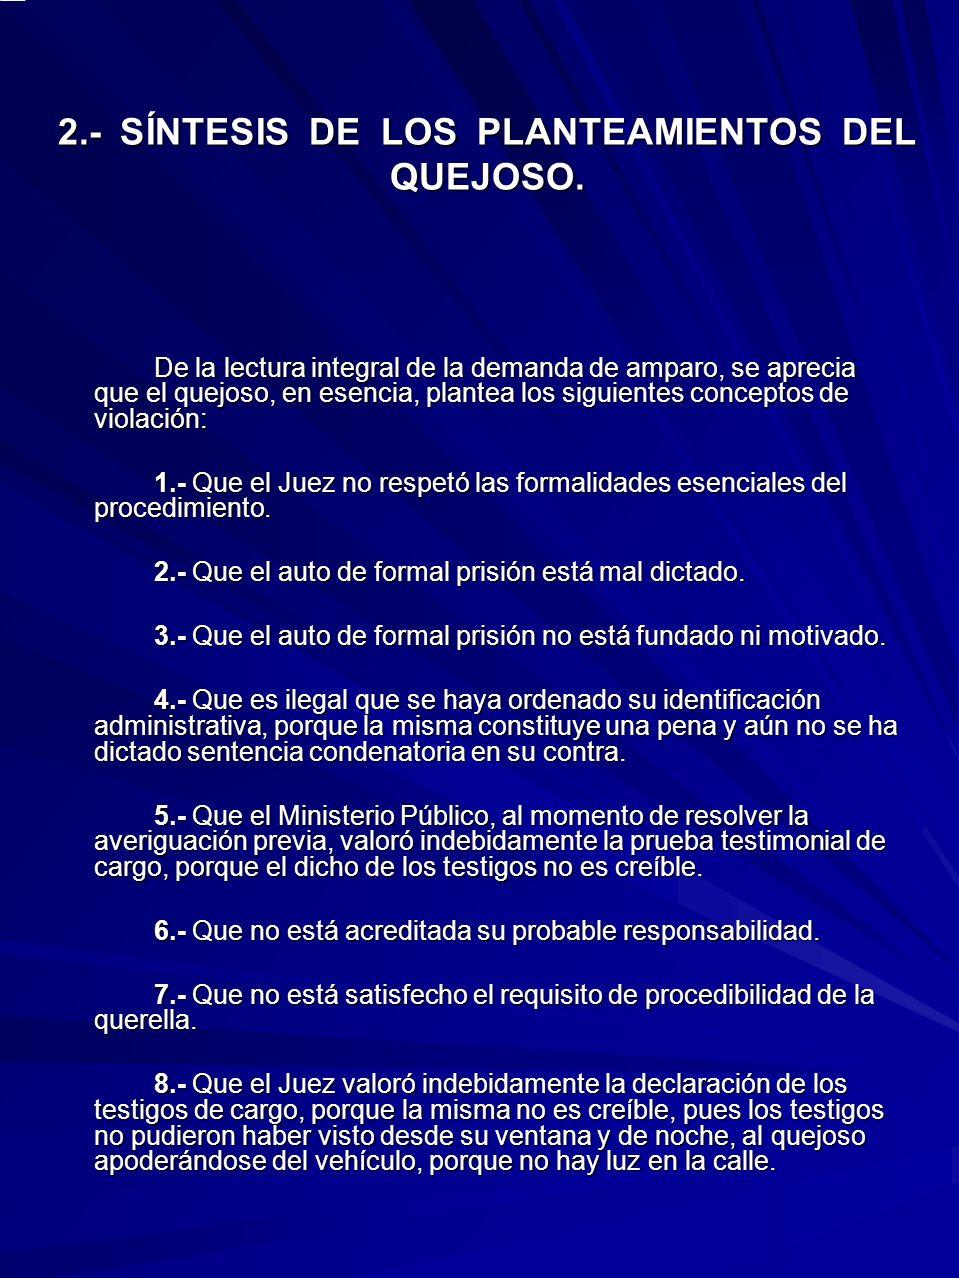 2.- SÍNTESIS DE LOS PLANTEAMIENTOS DEL QUEJOSO.